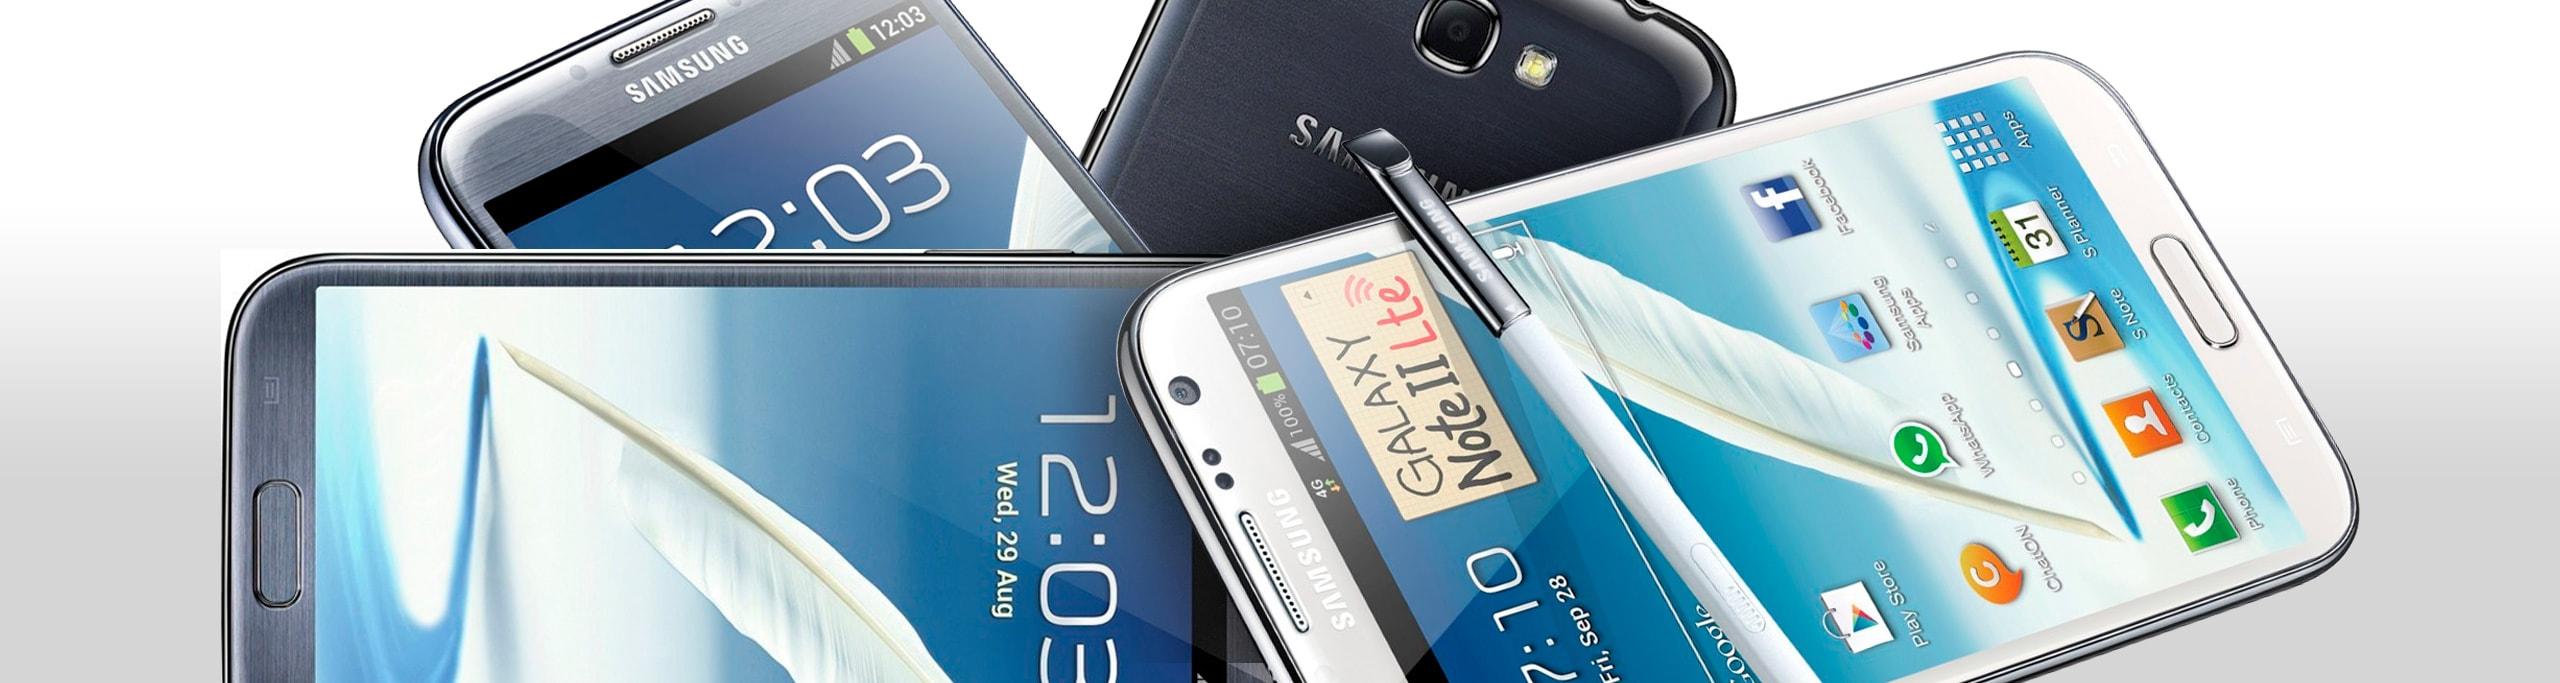 Note 2 4G (N7105)